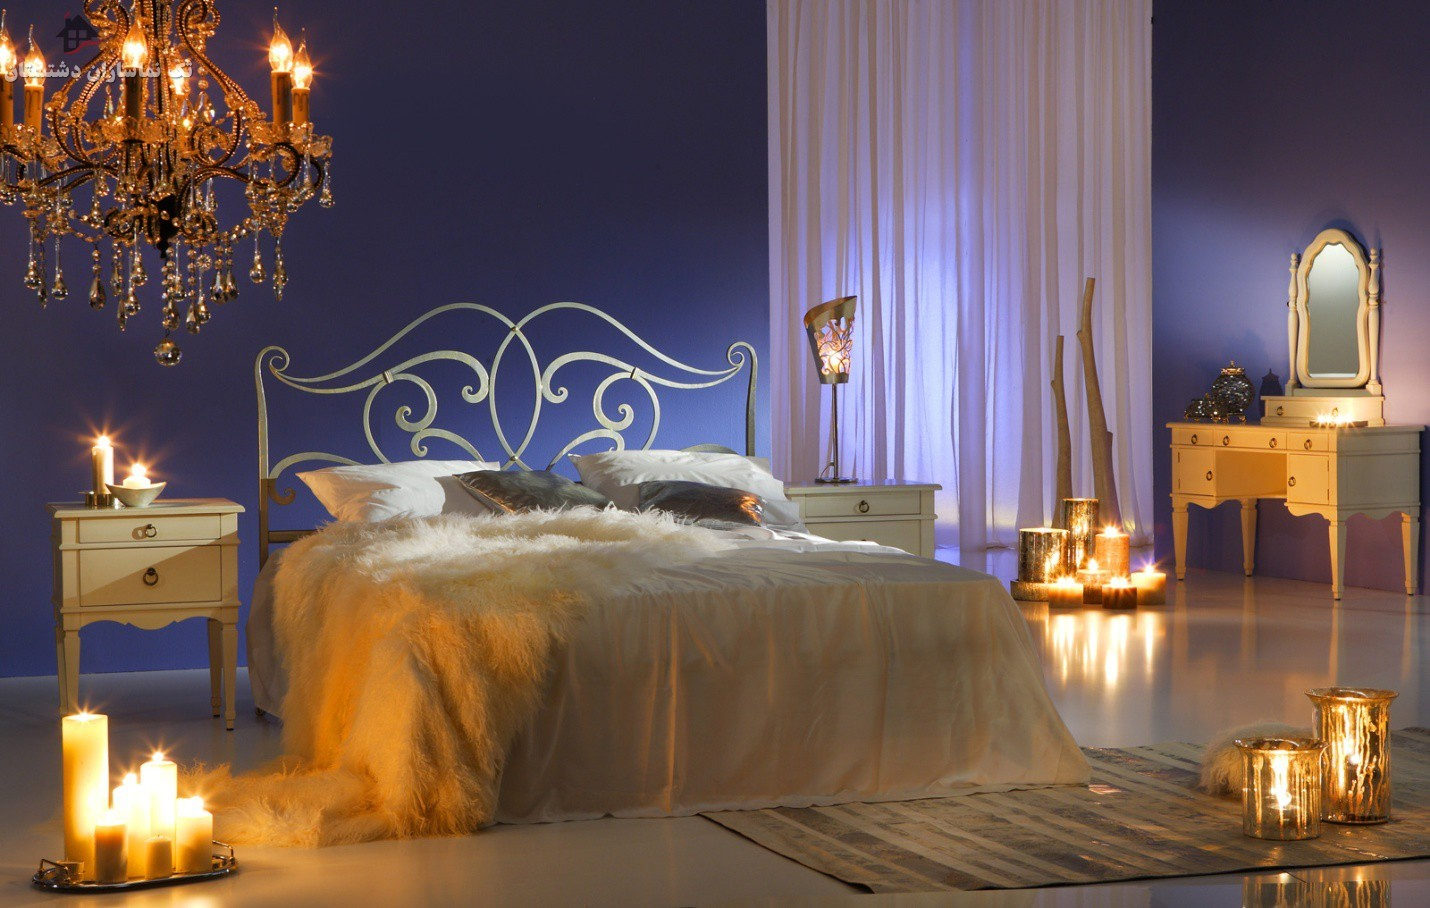 گالری تصویر اتاق خواب رومانتیک عروس را در اینجا ببینید